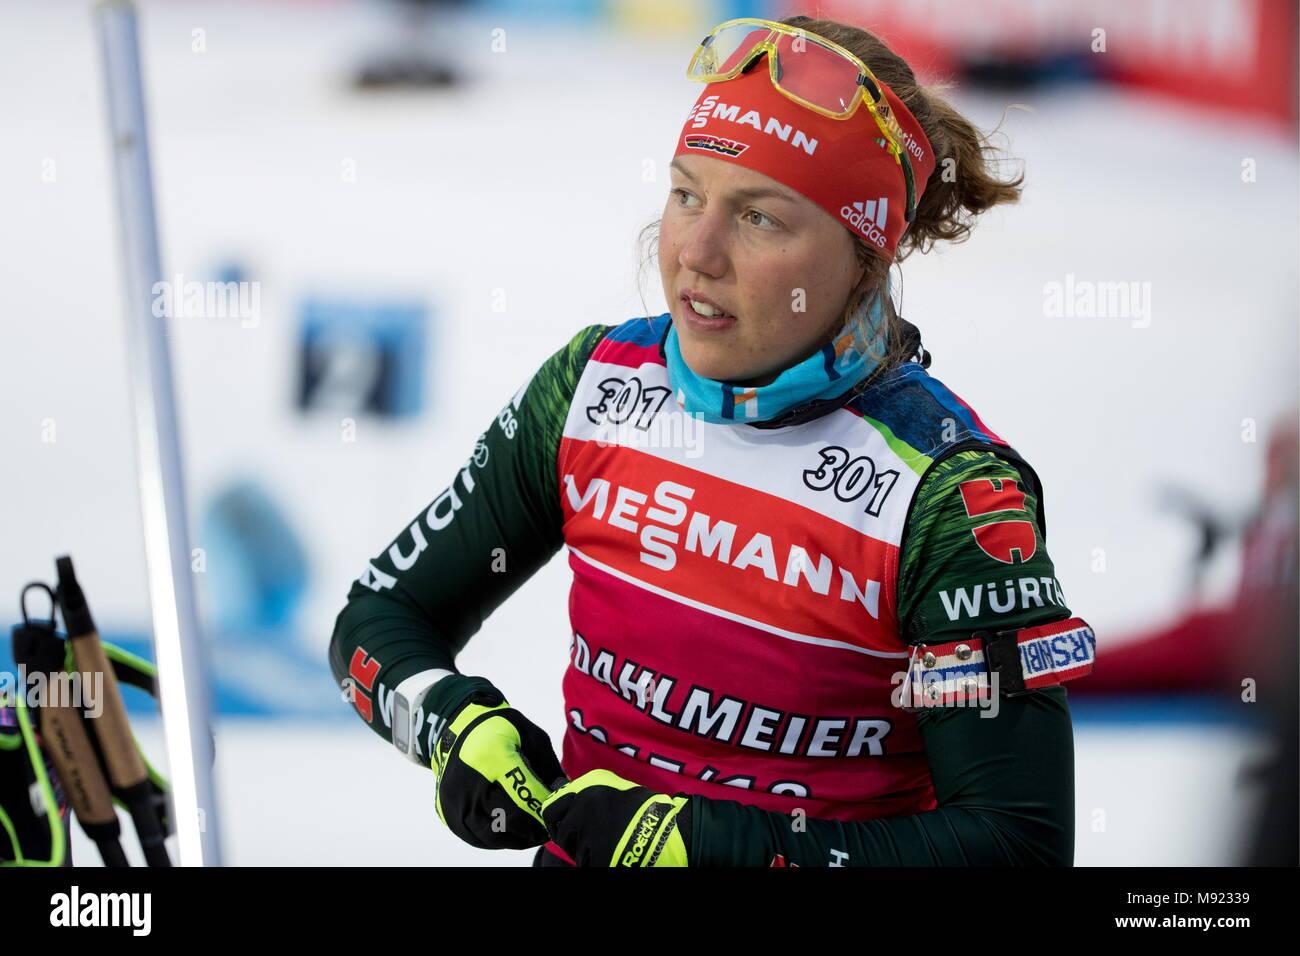 In Tjumen, Russland - 21. MÄRZ 2018: biathleten Laura Dahlmeier Deutschland Training vor der Saison 2017/2018 IBU Biathlon Weltcup treffen in Tjumen, Russland. Sergei Bobylev/TASS Stockbild